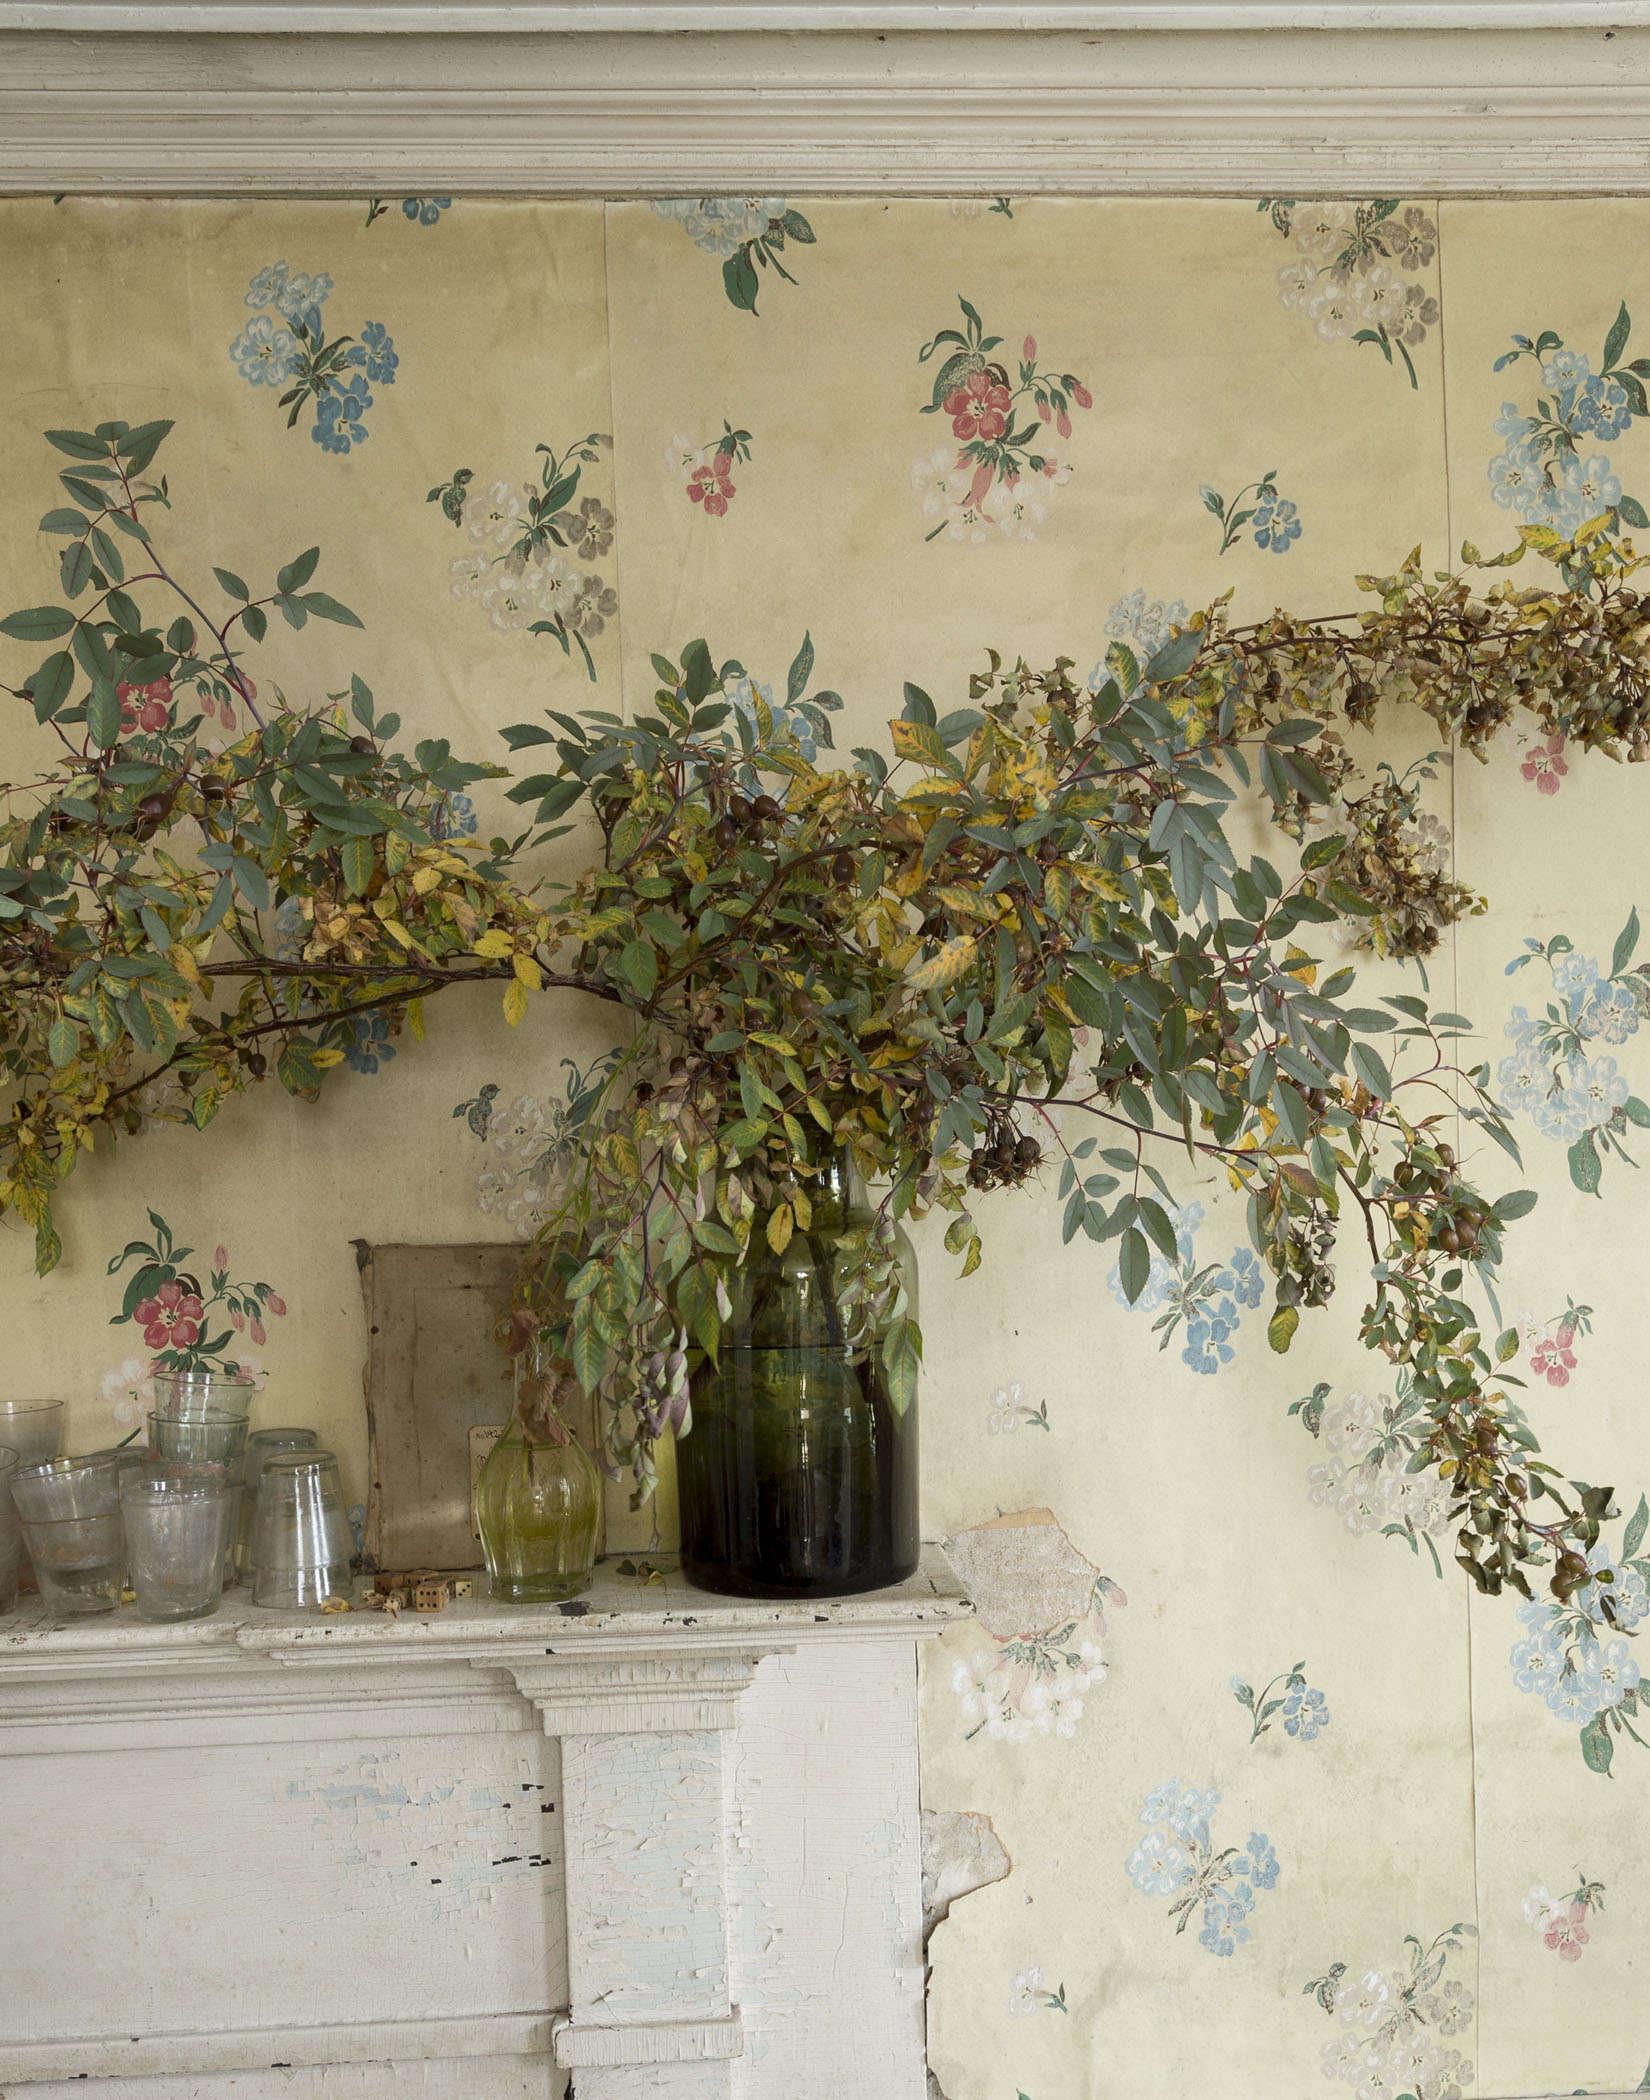 John Derian Faded Flowers 3